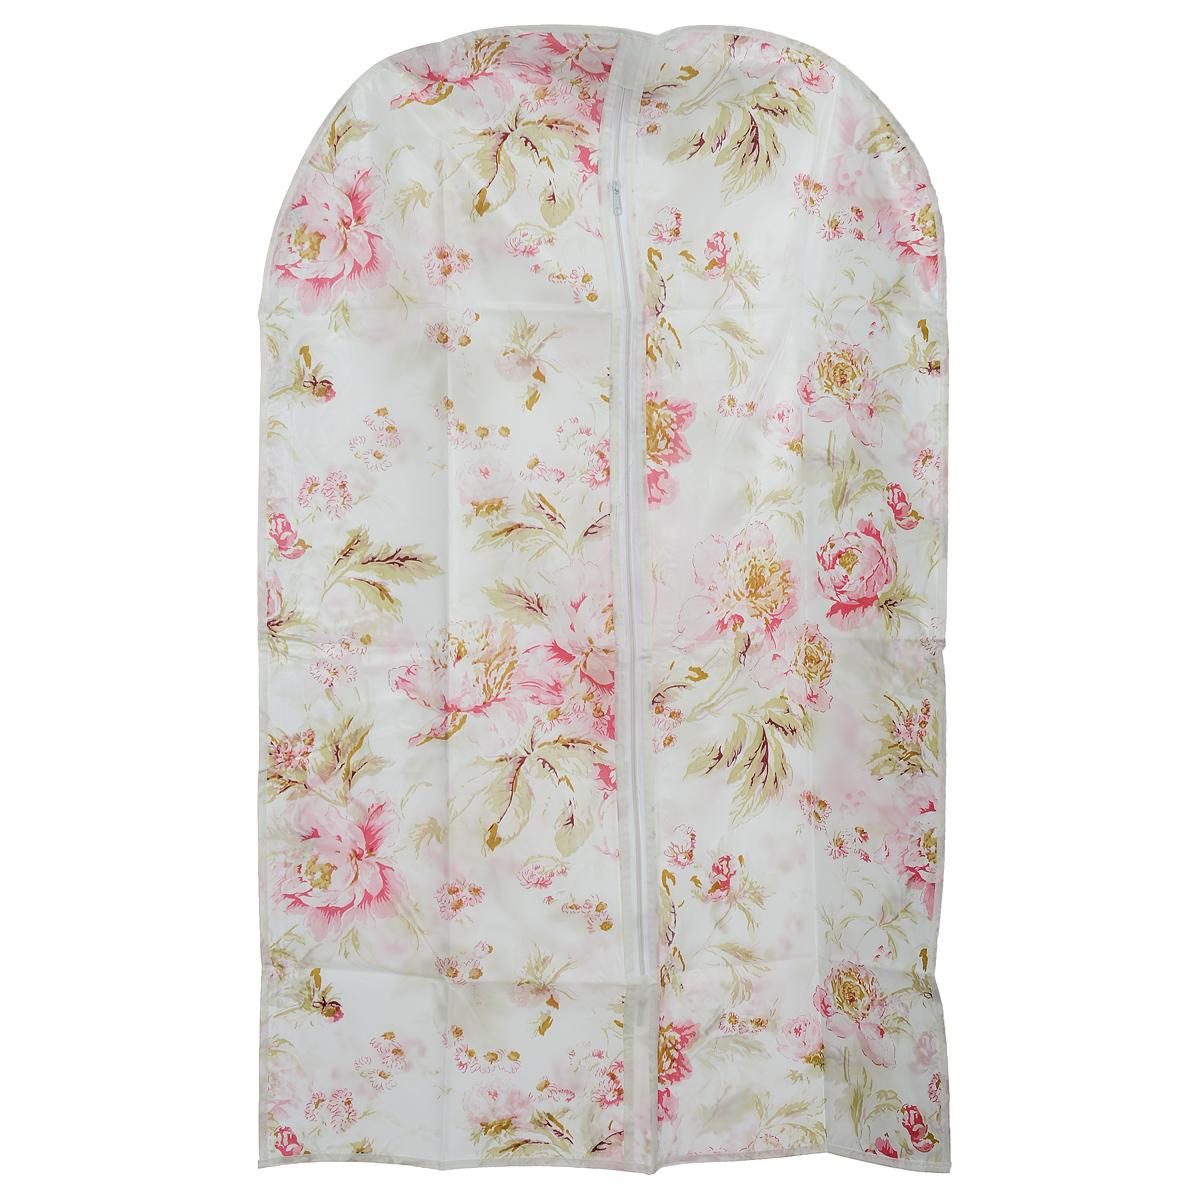 Чехол для одежды Eva Цветы, 60 х 92 смЕ-16201 цветыЧехол для одежды Eva Цветы выполнен из материала PEVA. Чехол обеспечивает вашей одежде надежную защиту от влажности, повреждений и грязи при транспортировке, от запыления при хранении. Изделие обладает водоотталкивающими свойствами, а также позволяет воздуху свободно поступать внутрь вещей, обеспечивая их кондиционирование. Закрывается на молнию. Можно стирать при температуре до 40°C.